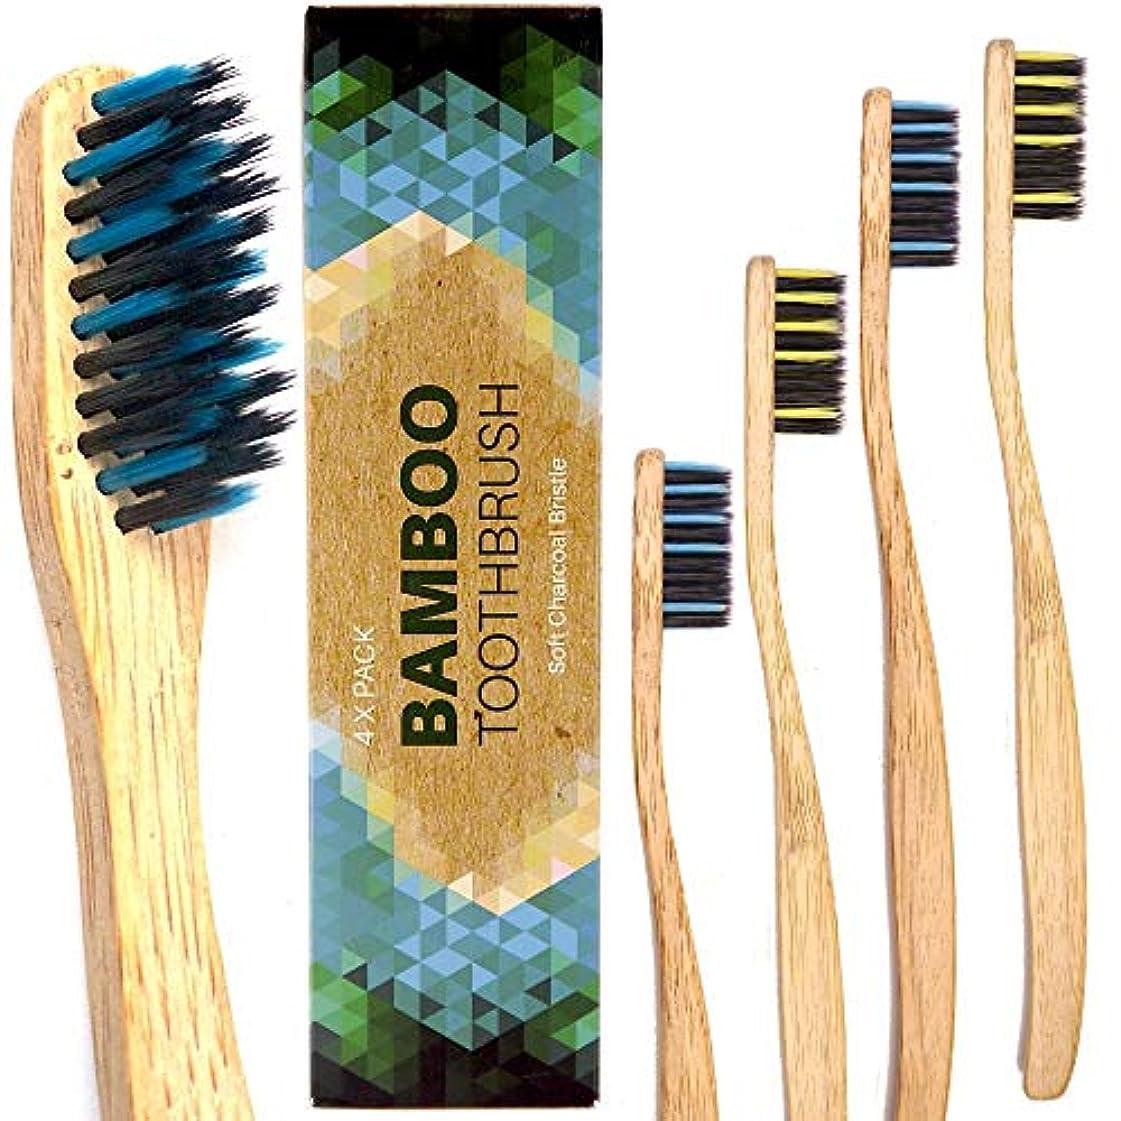 回想行動凍る竹製歯ブラシ。チャコールブリストル大人 - ミディアム及びソフト、生分解性、ビーガン、バイオ、エコ、持続可能な木製ハンドル4本パック4 Bamboo Toothbrushes, ホワイトニング 歯, ドイツの品質, 竹歯ブラシ